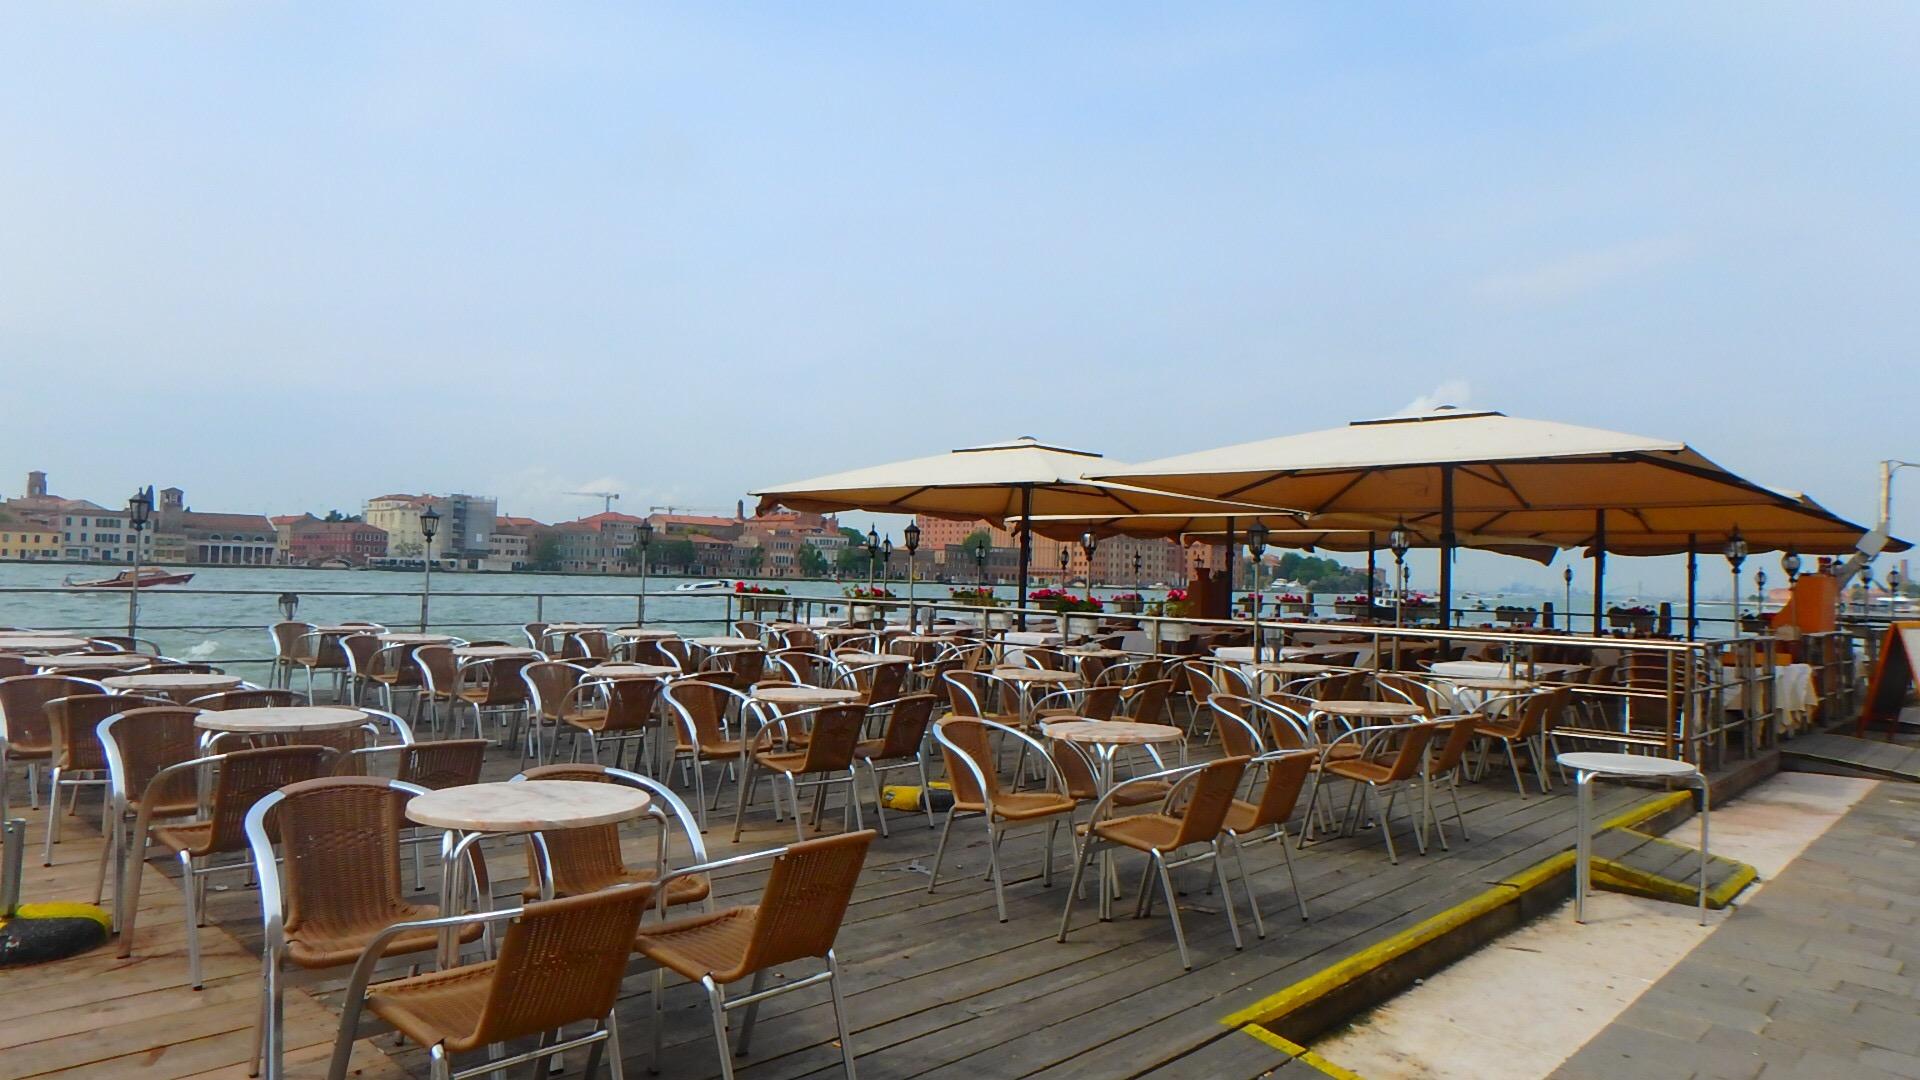 ベネチア 大運河沿い オープンテラスカフェ&レストラン